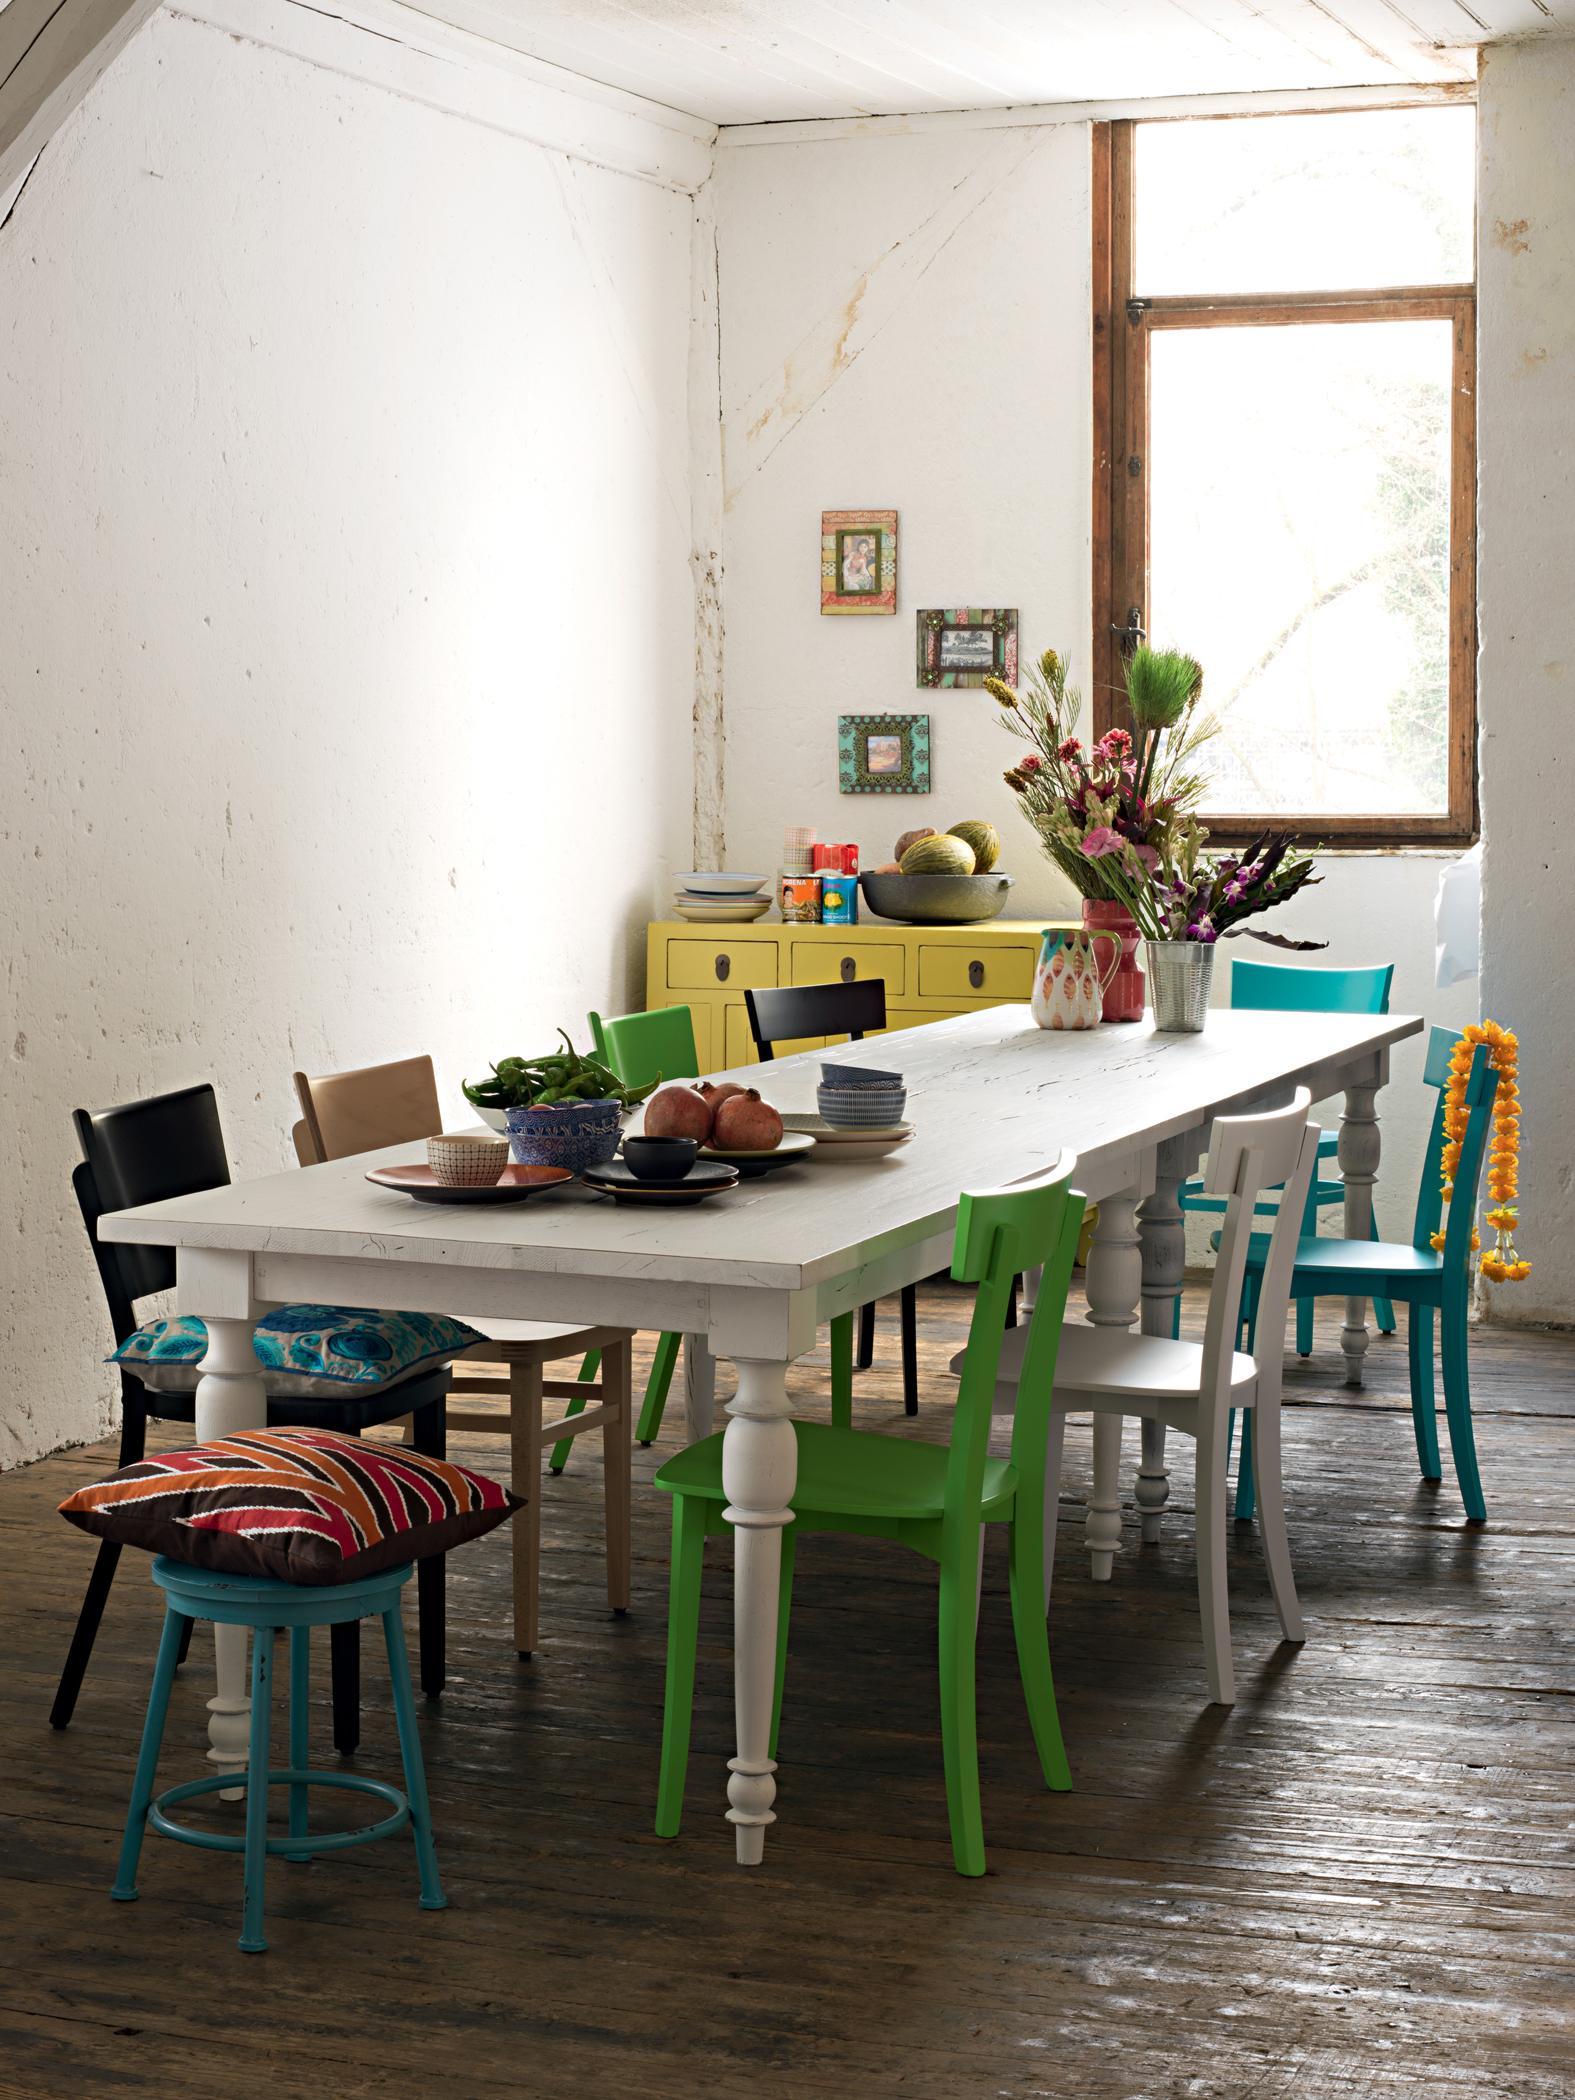 Bunter Mix Aus Stühlen Stuhl Hocker Esstisch Kom